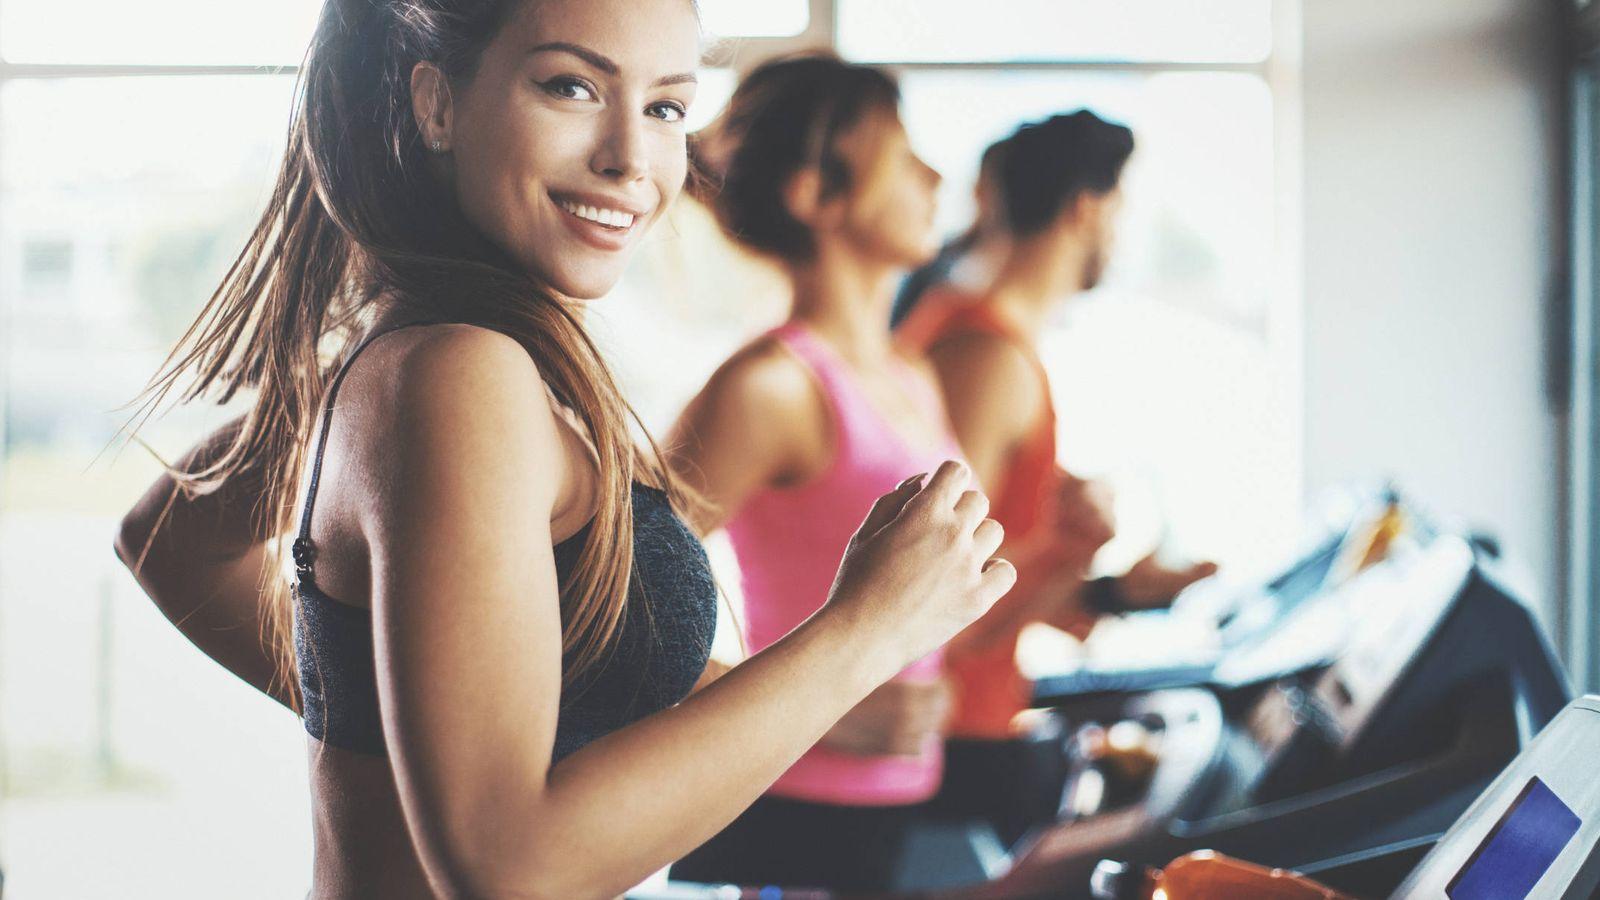 Trucos para adelgazar rapido en el gimnasio